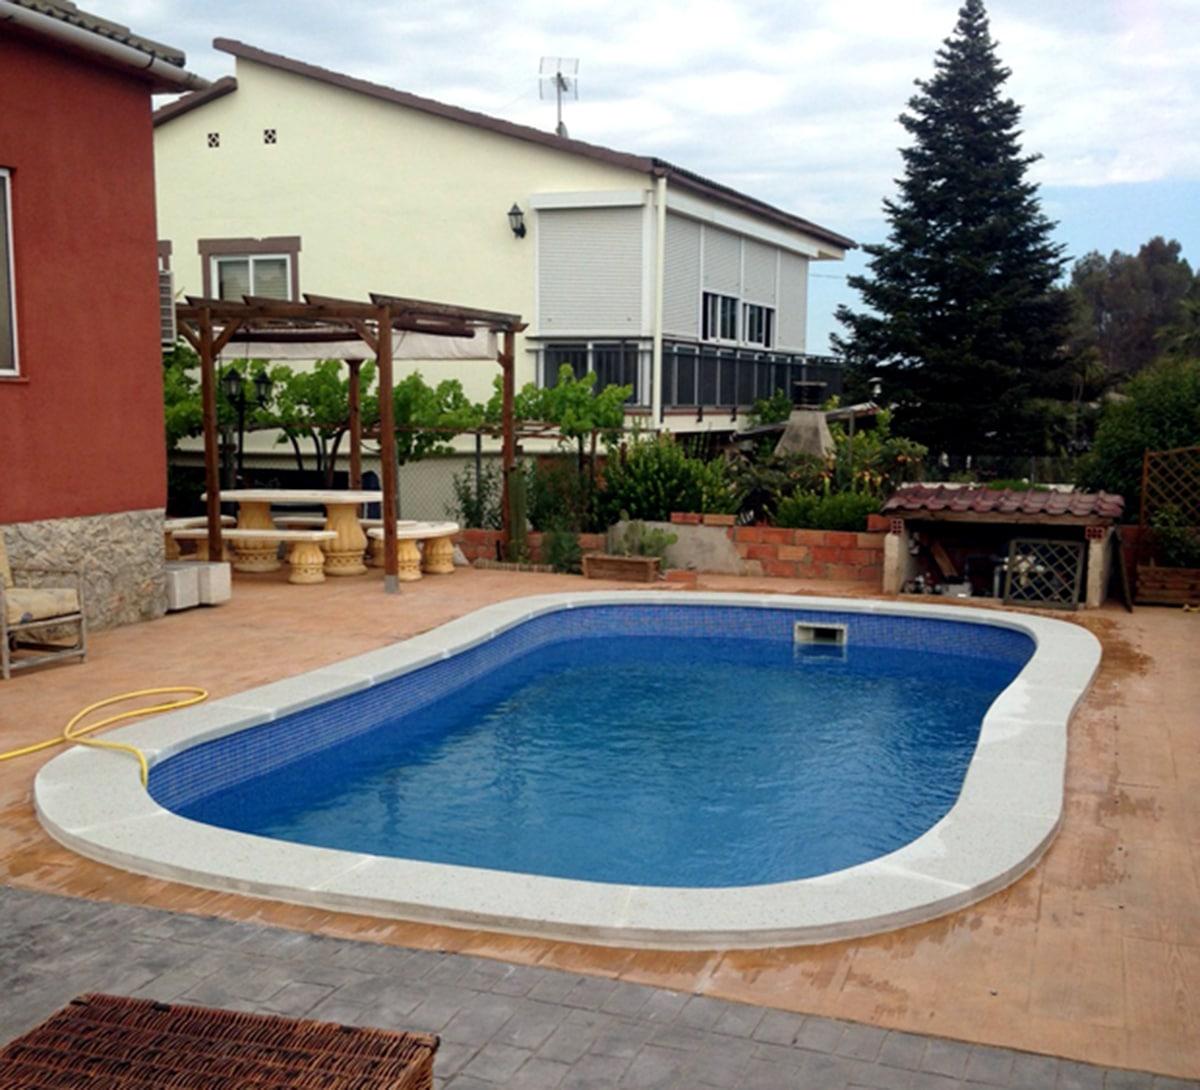 Corona de piscina en piedra artificial predecat - Piedra artificial barcelona ...